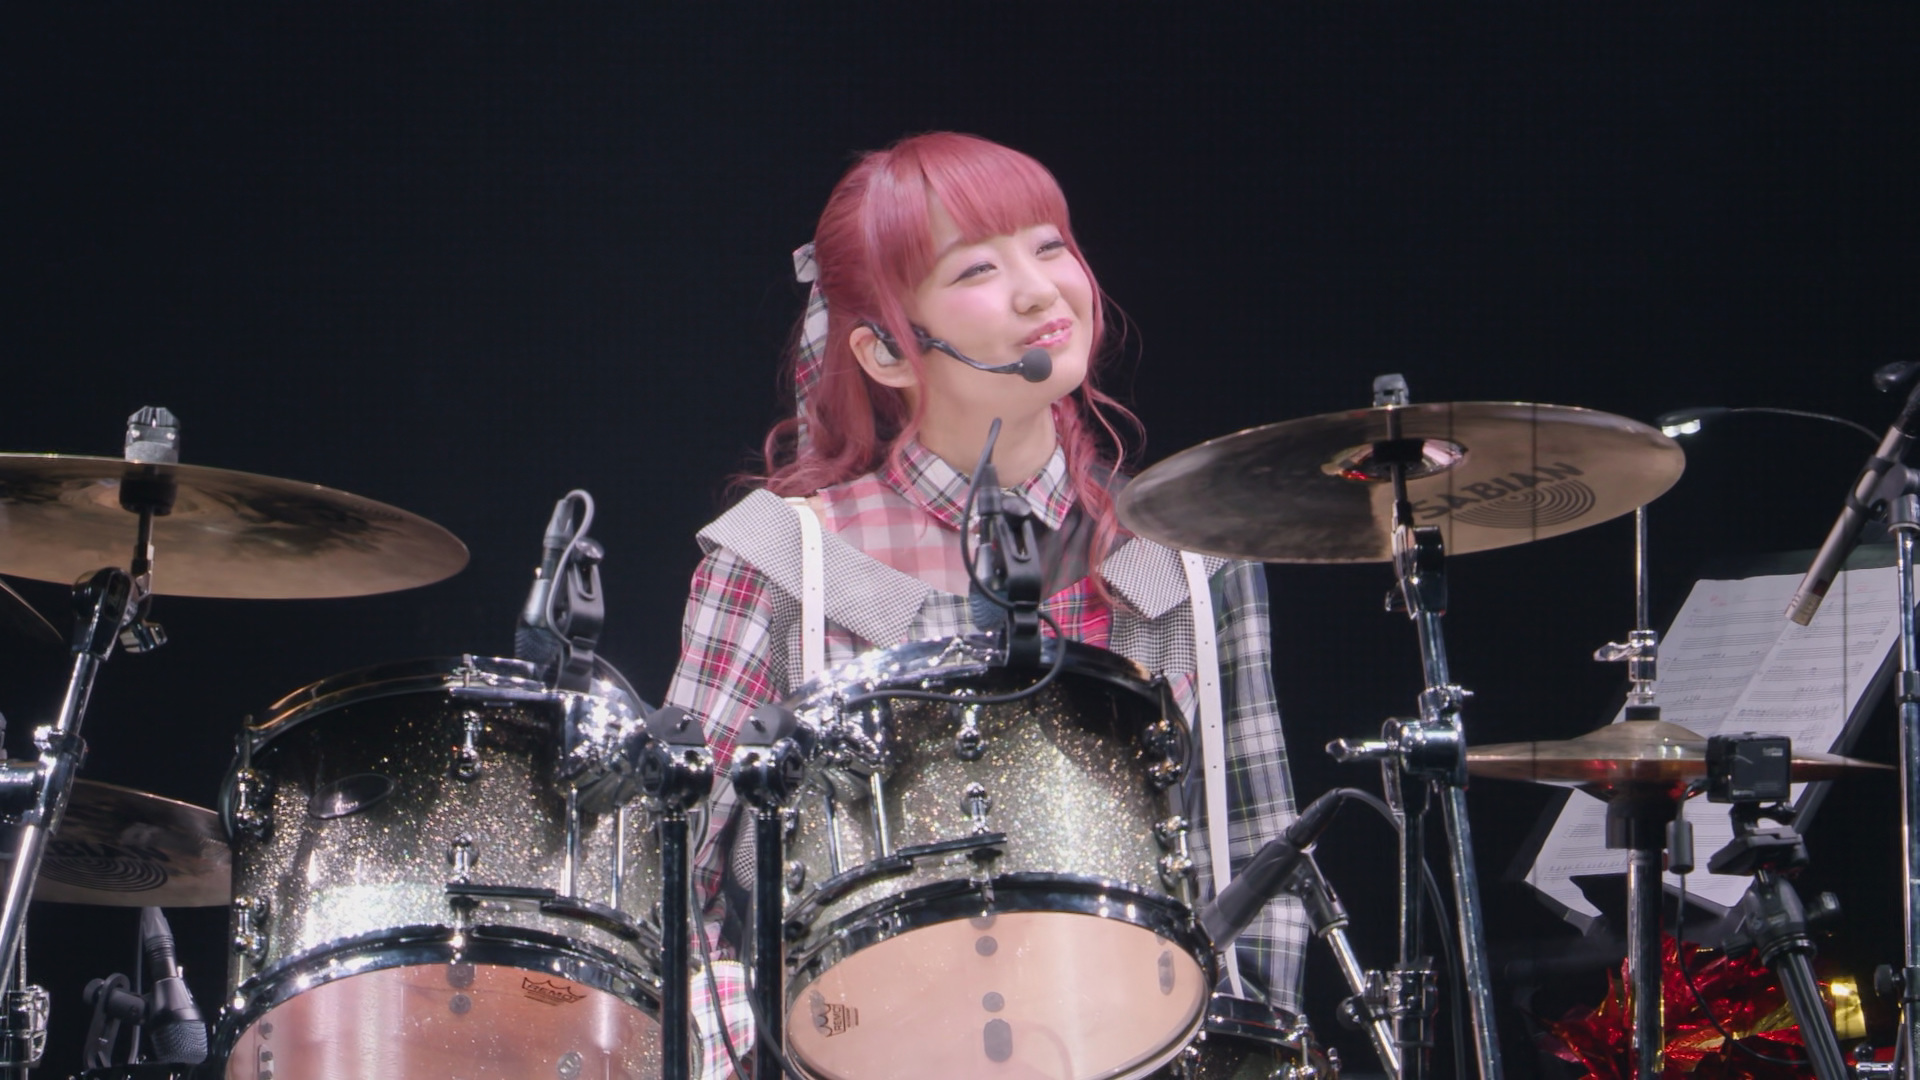 大桥彩香 / Ohashi Ayaka Special Live 2018 〜PROGRESS〜 [BDRip 1080p HEVC-10bit FLAC]